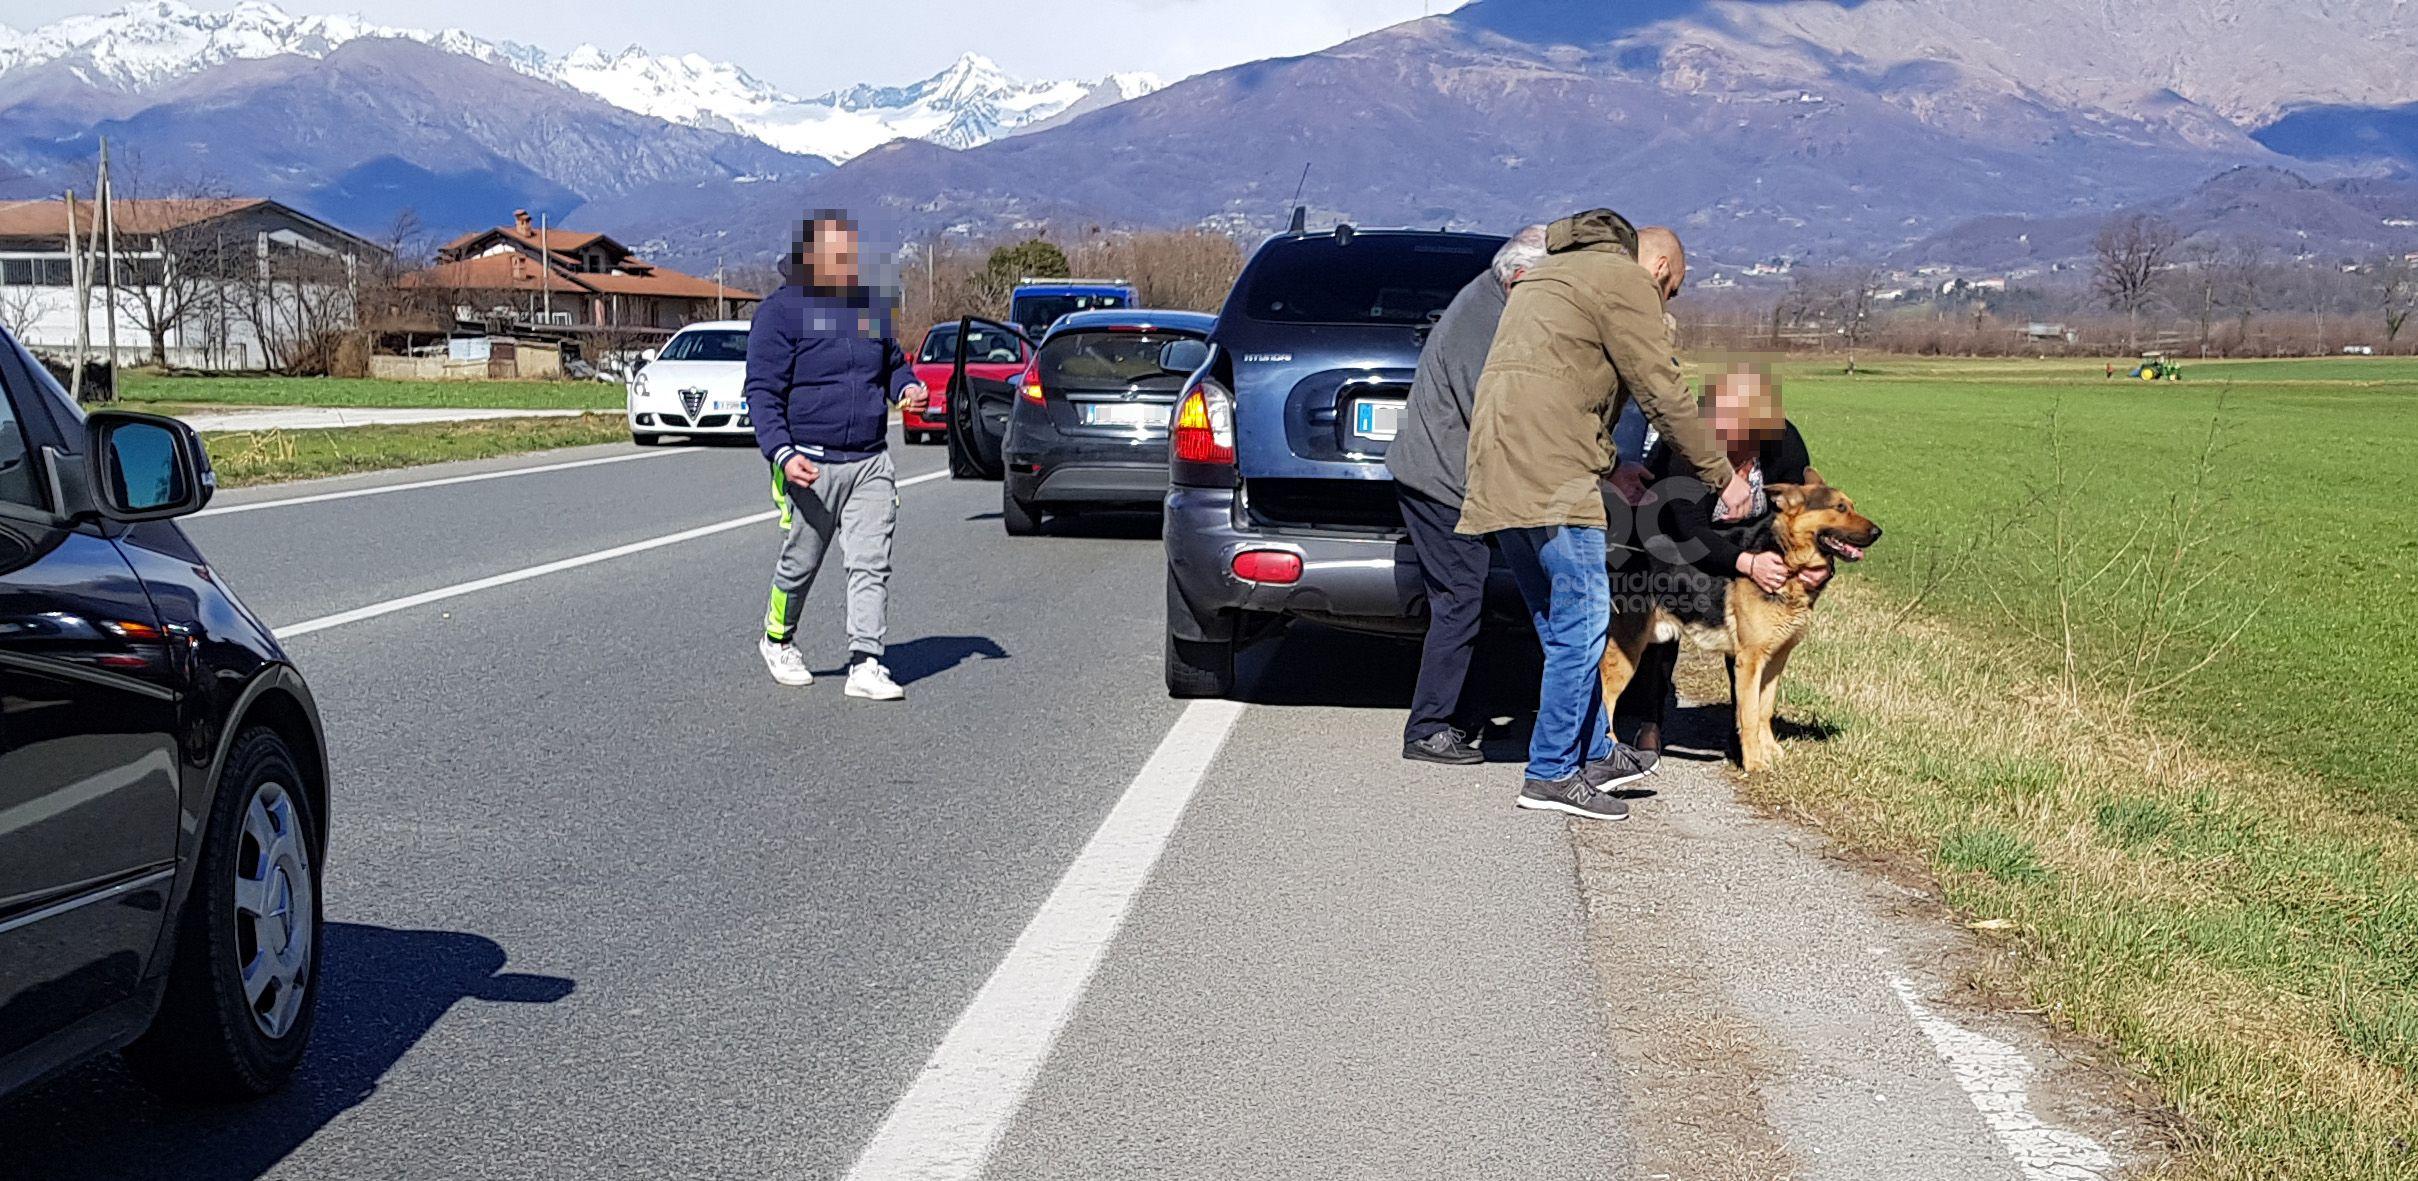 CASTELLAMONTE-OZEGNA - Traffico bloccato sulla provinciale per salvare un cane scappato da un giardino